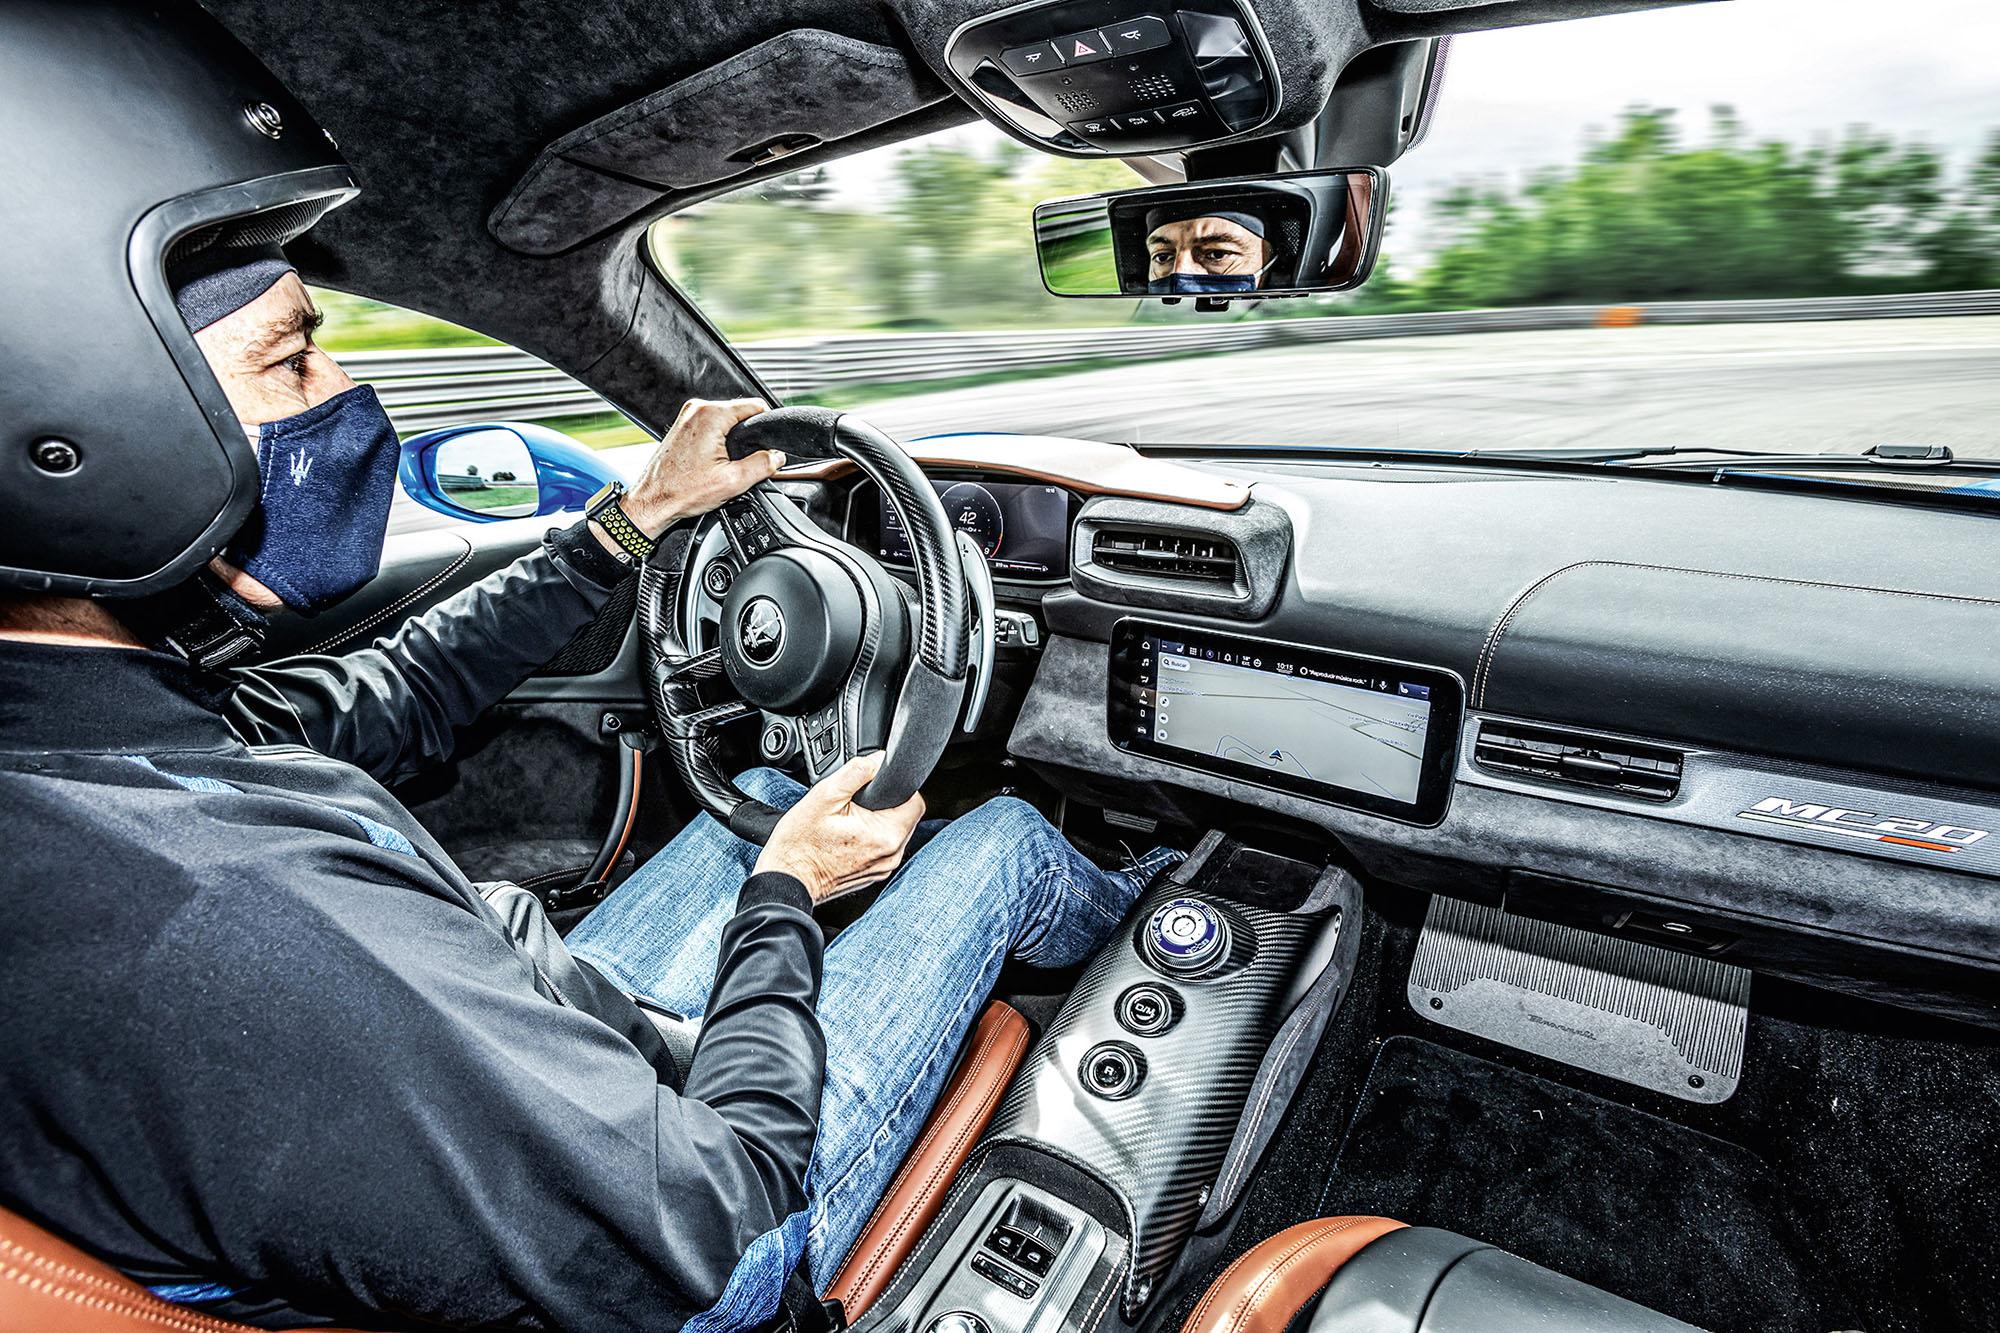 Cabine do Maserati MC20 com piloto